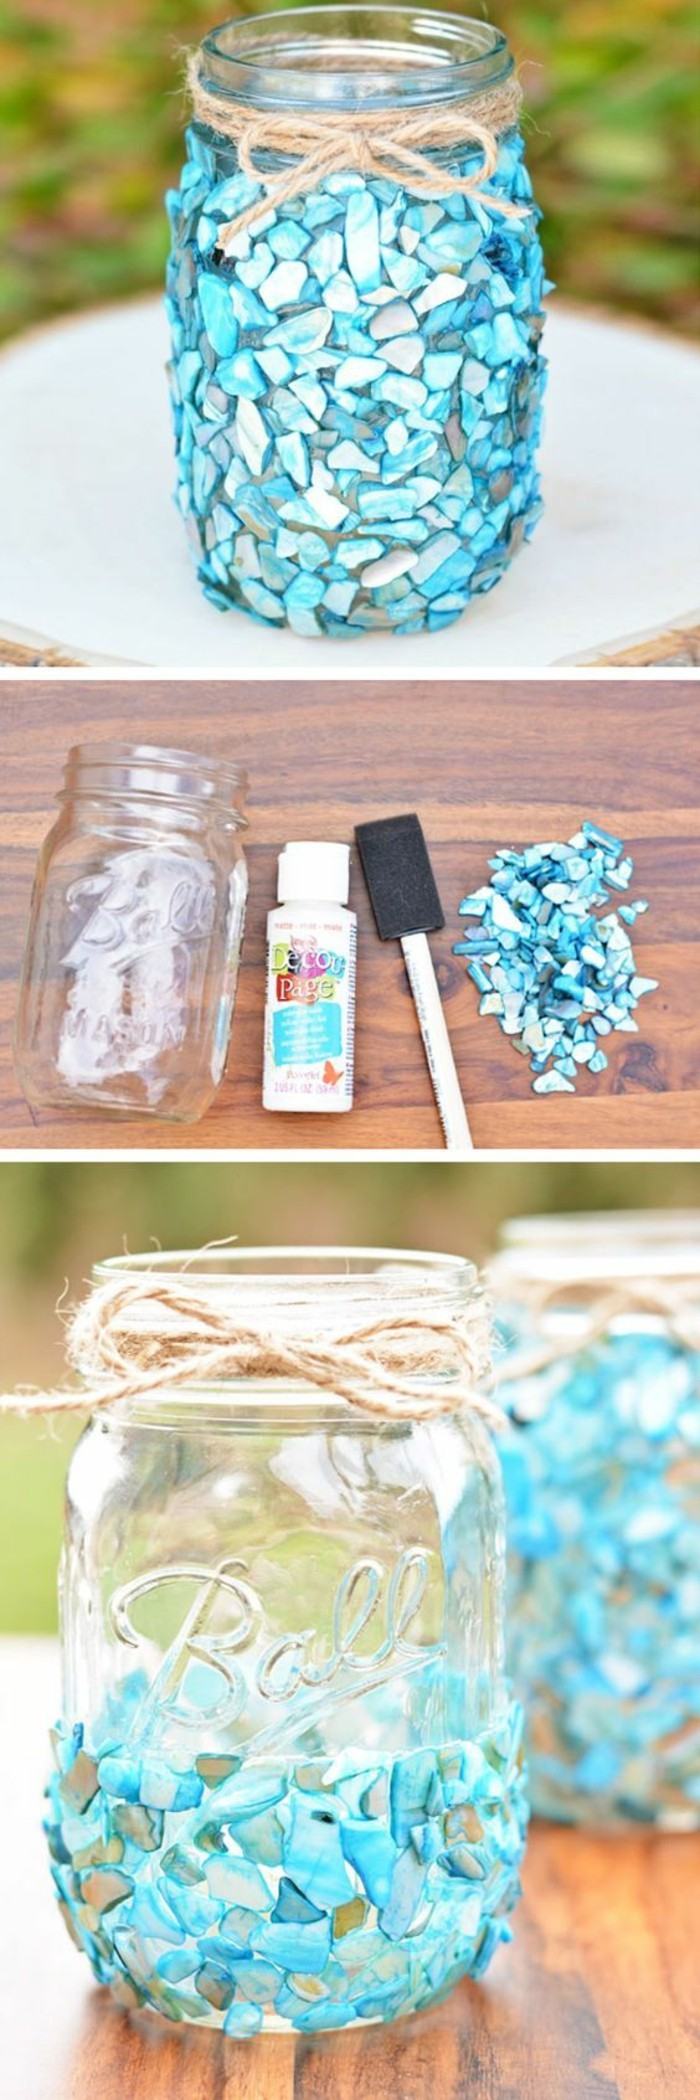 einfache-bastelideen-glaeser-mit-blauen-kristallen-dekorieren